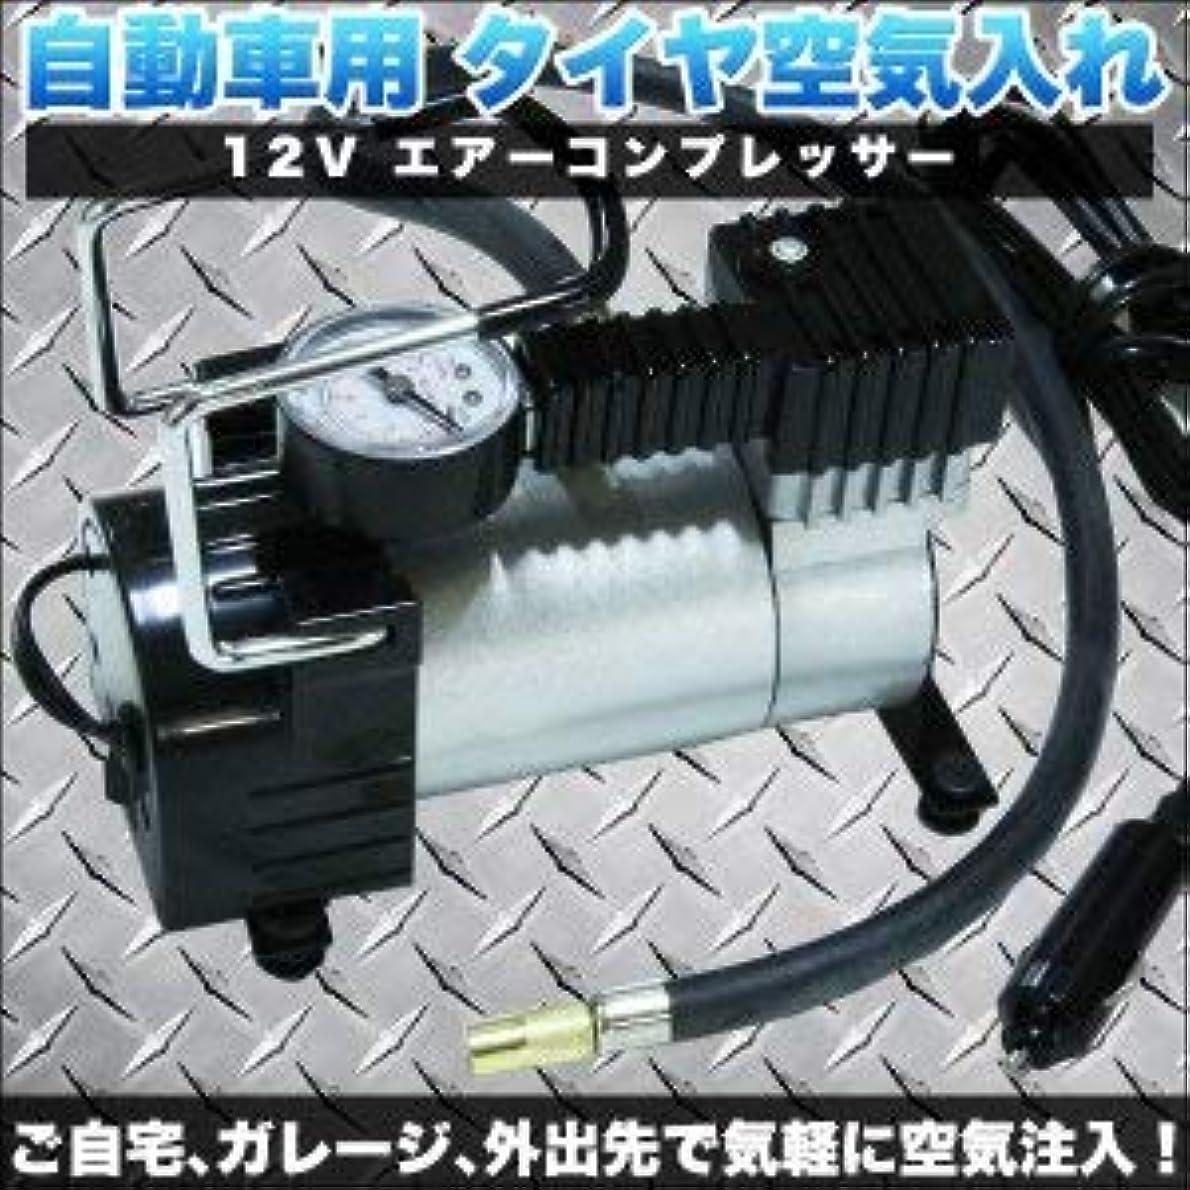 インスタンス意図する受動的自動車用 タイヤ 空気入れ 12V エアーコンプレッサー